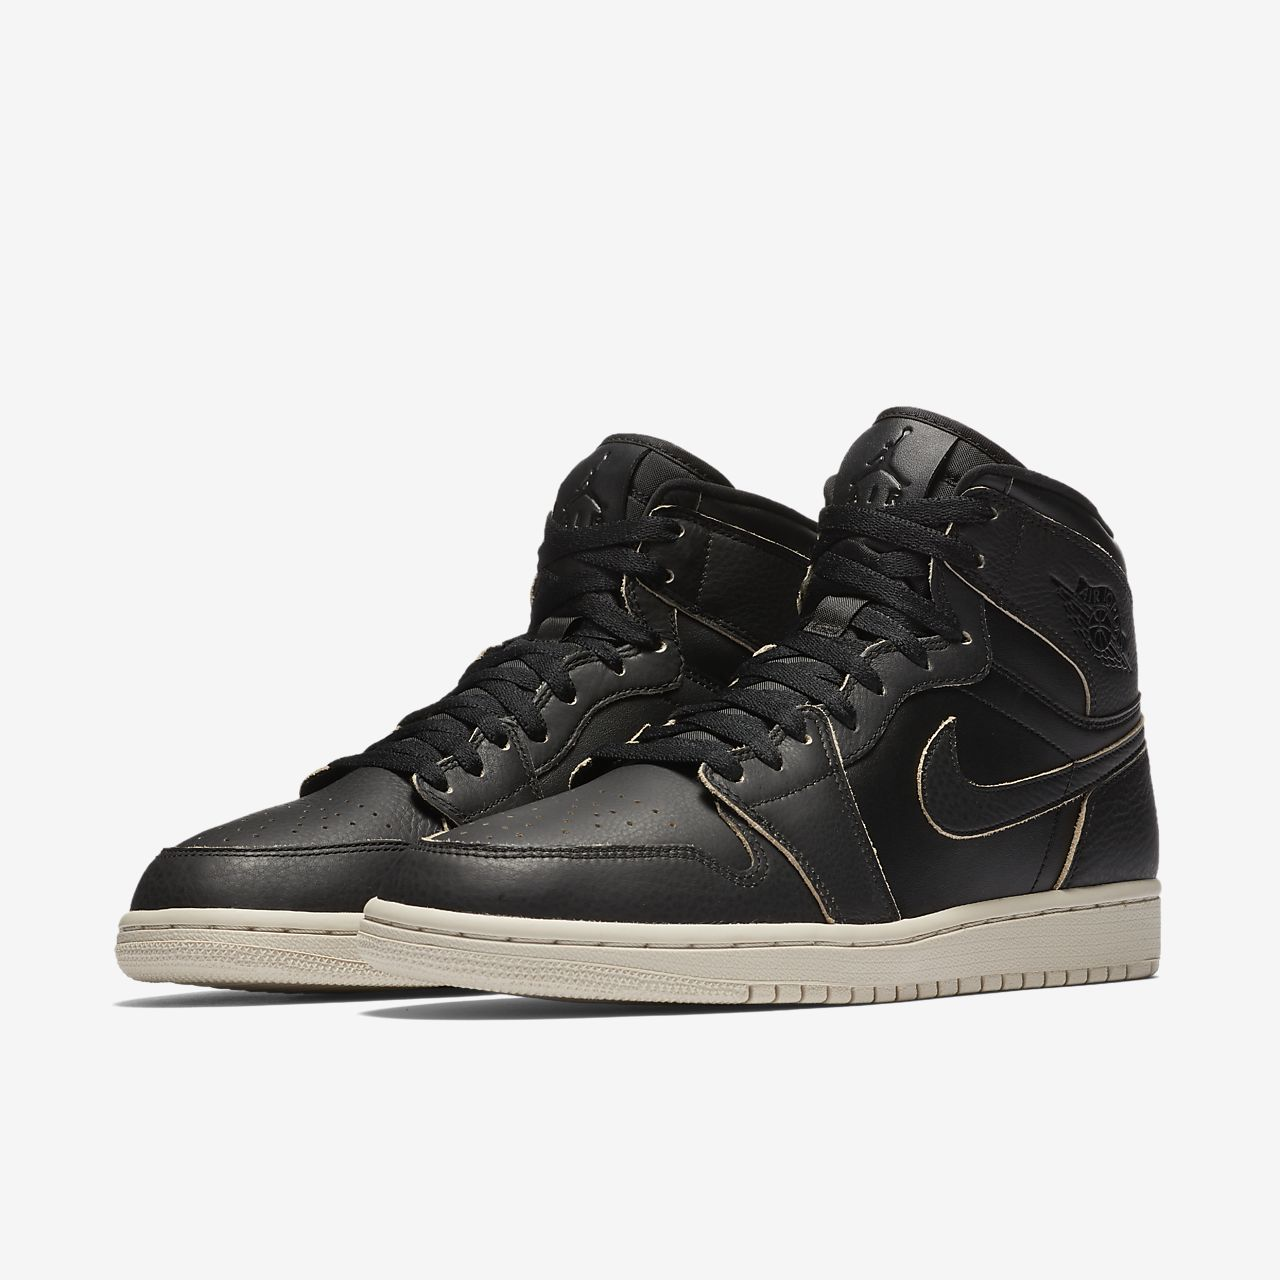 Jordan 1 Retro Haut Chaussures Haut De Gamme Gris E 3HLOEJ